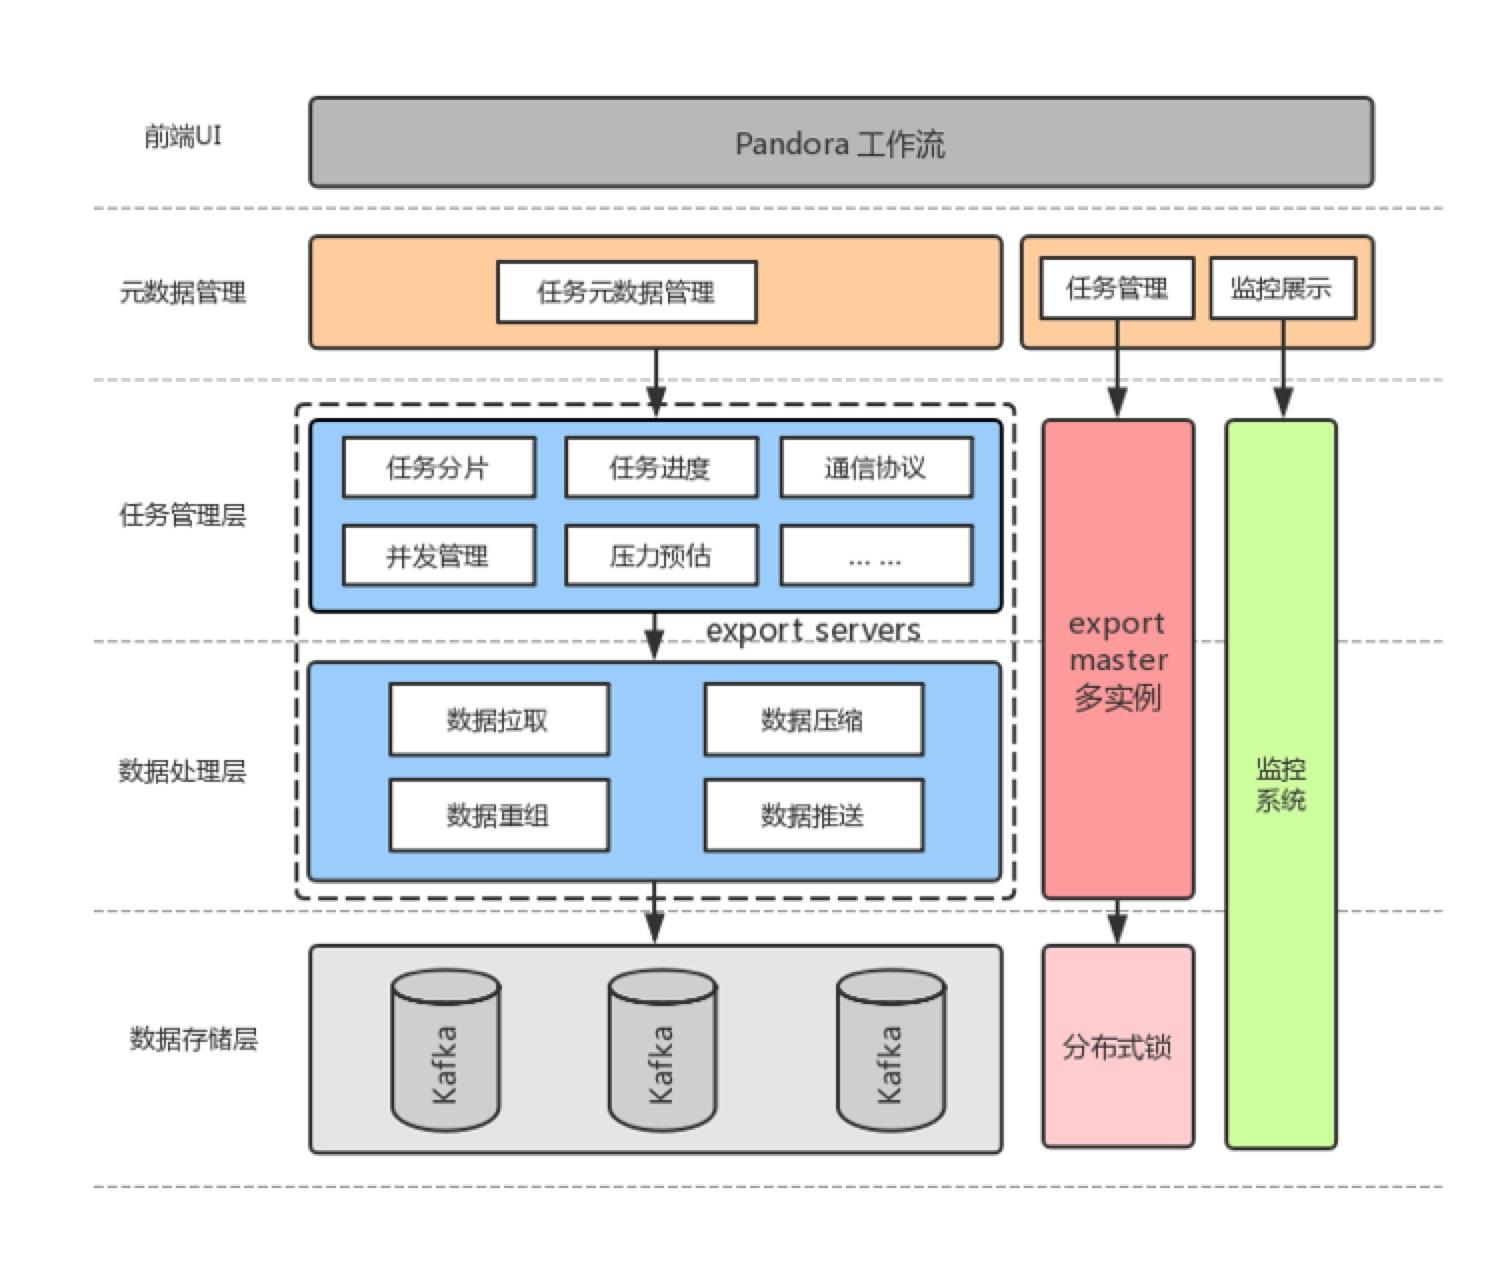 图 8 导出服务功能架构图